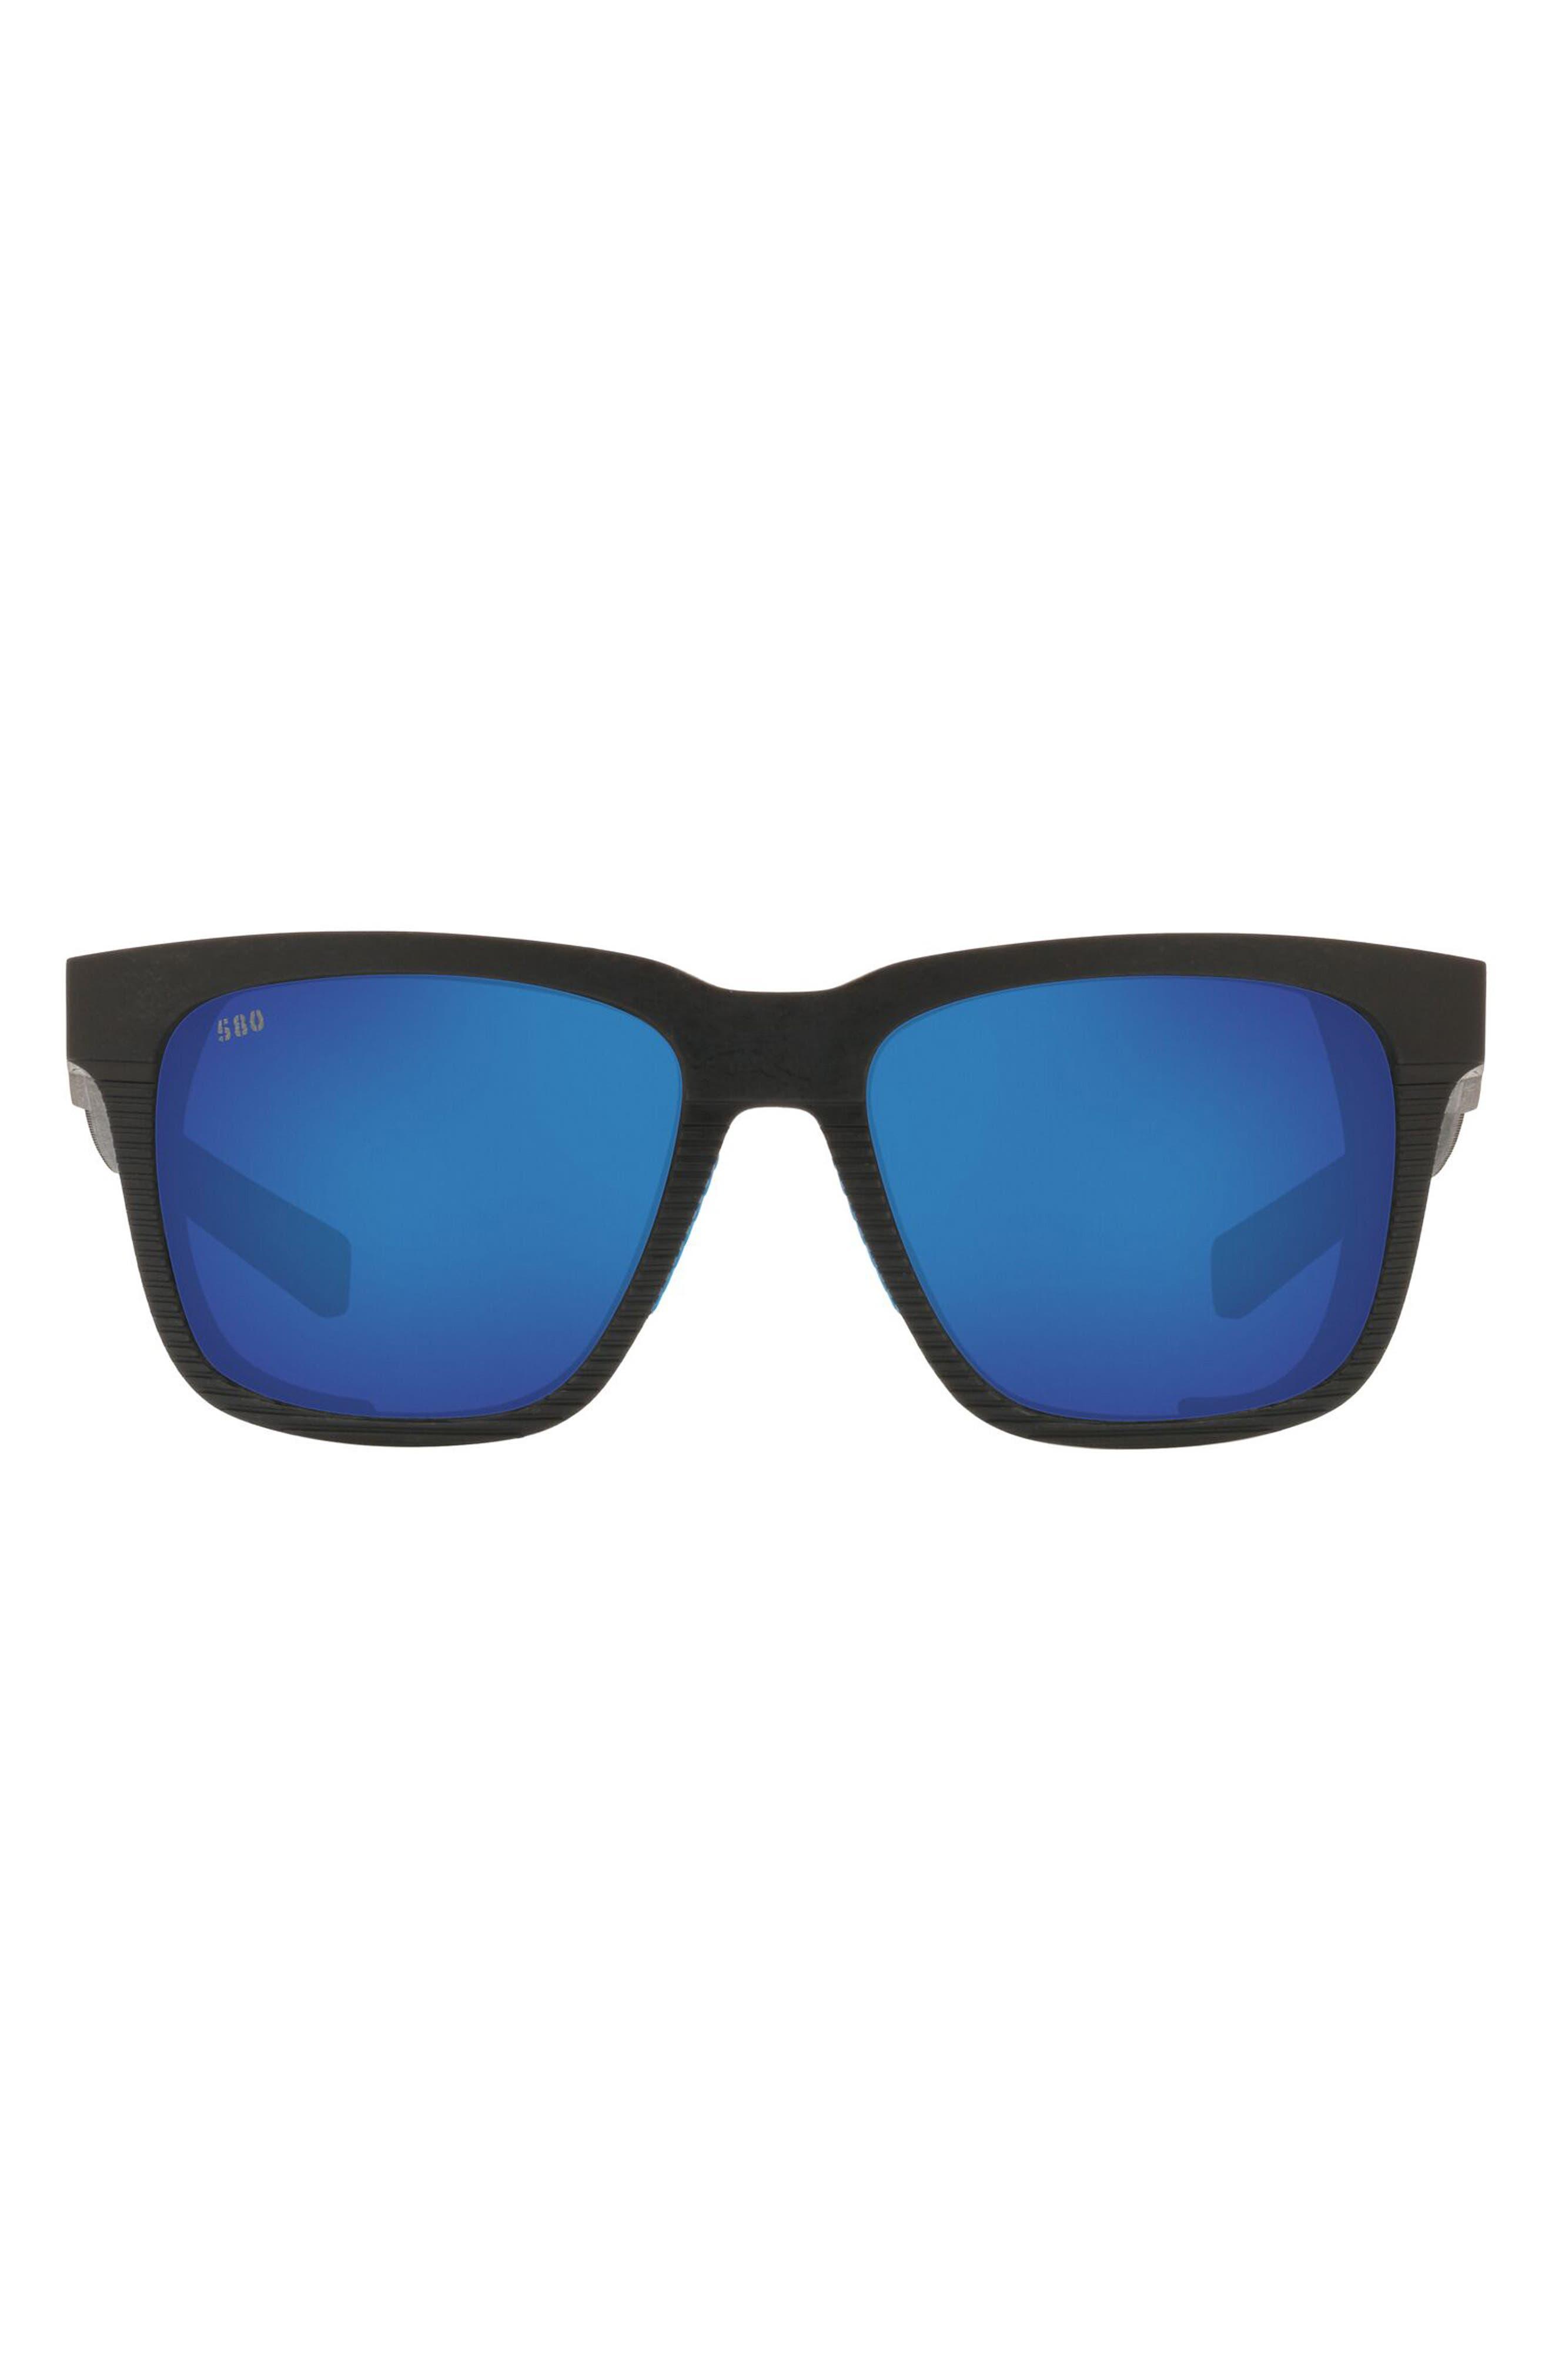 Men's Cosat Del Mar Pescador 55mm Polarized Sunglasses